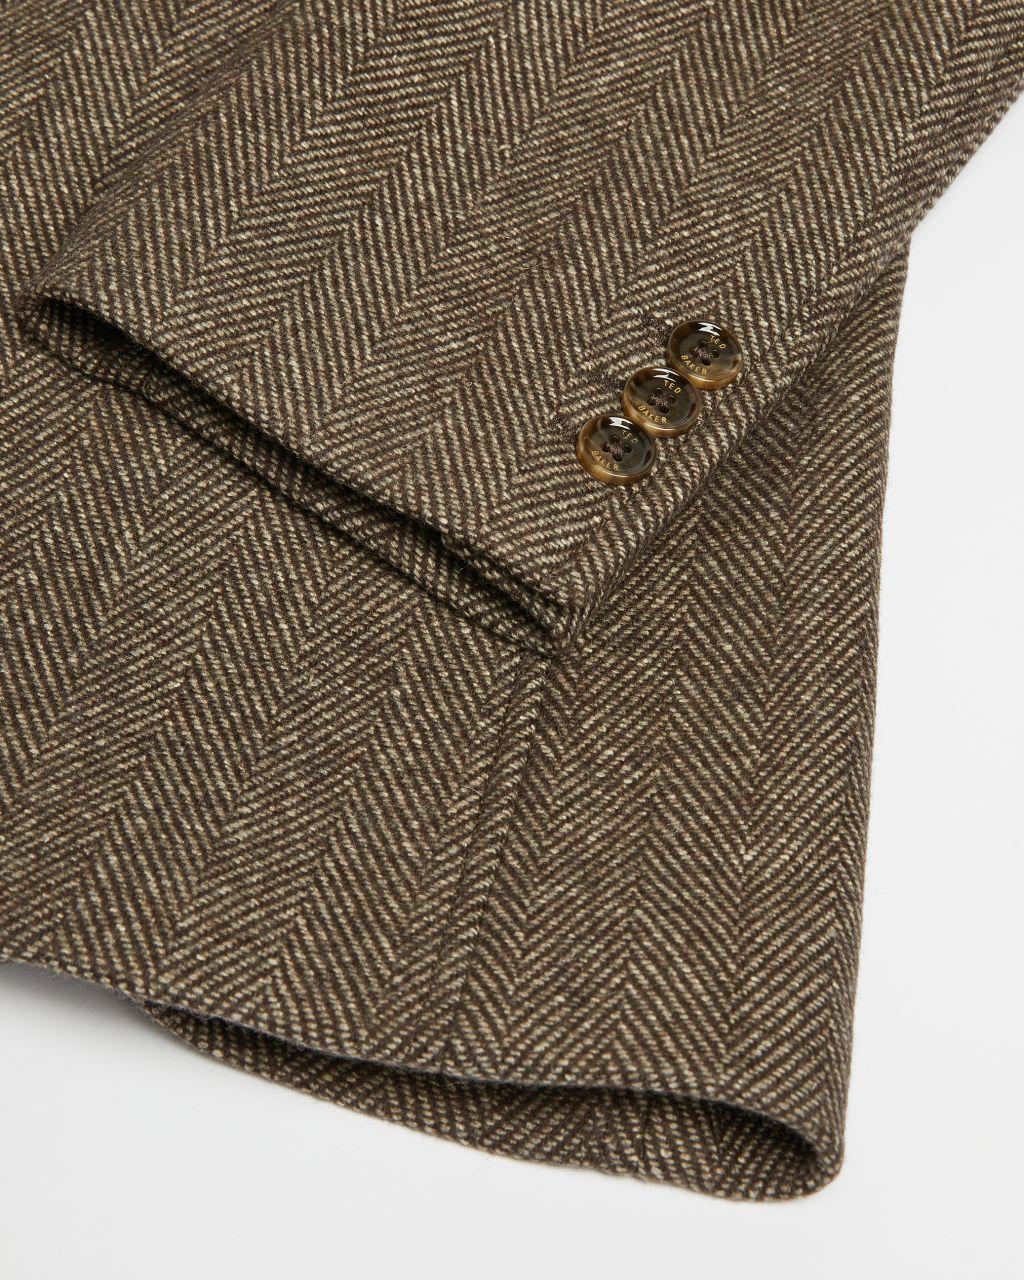 Luxe Pea Coat